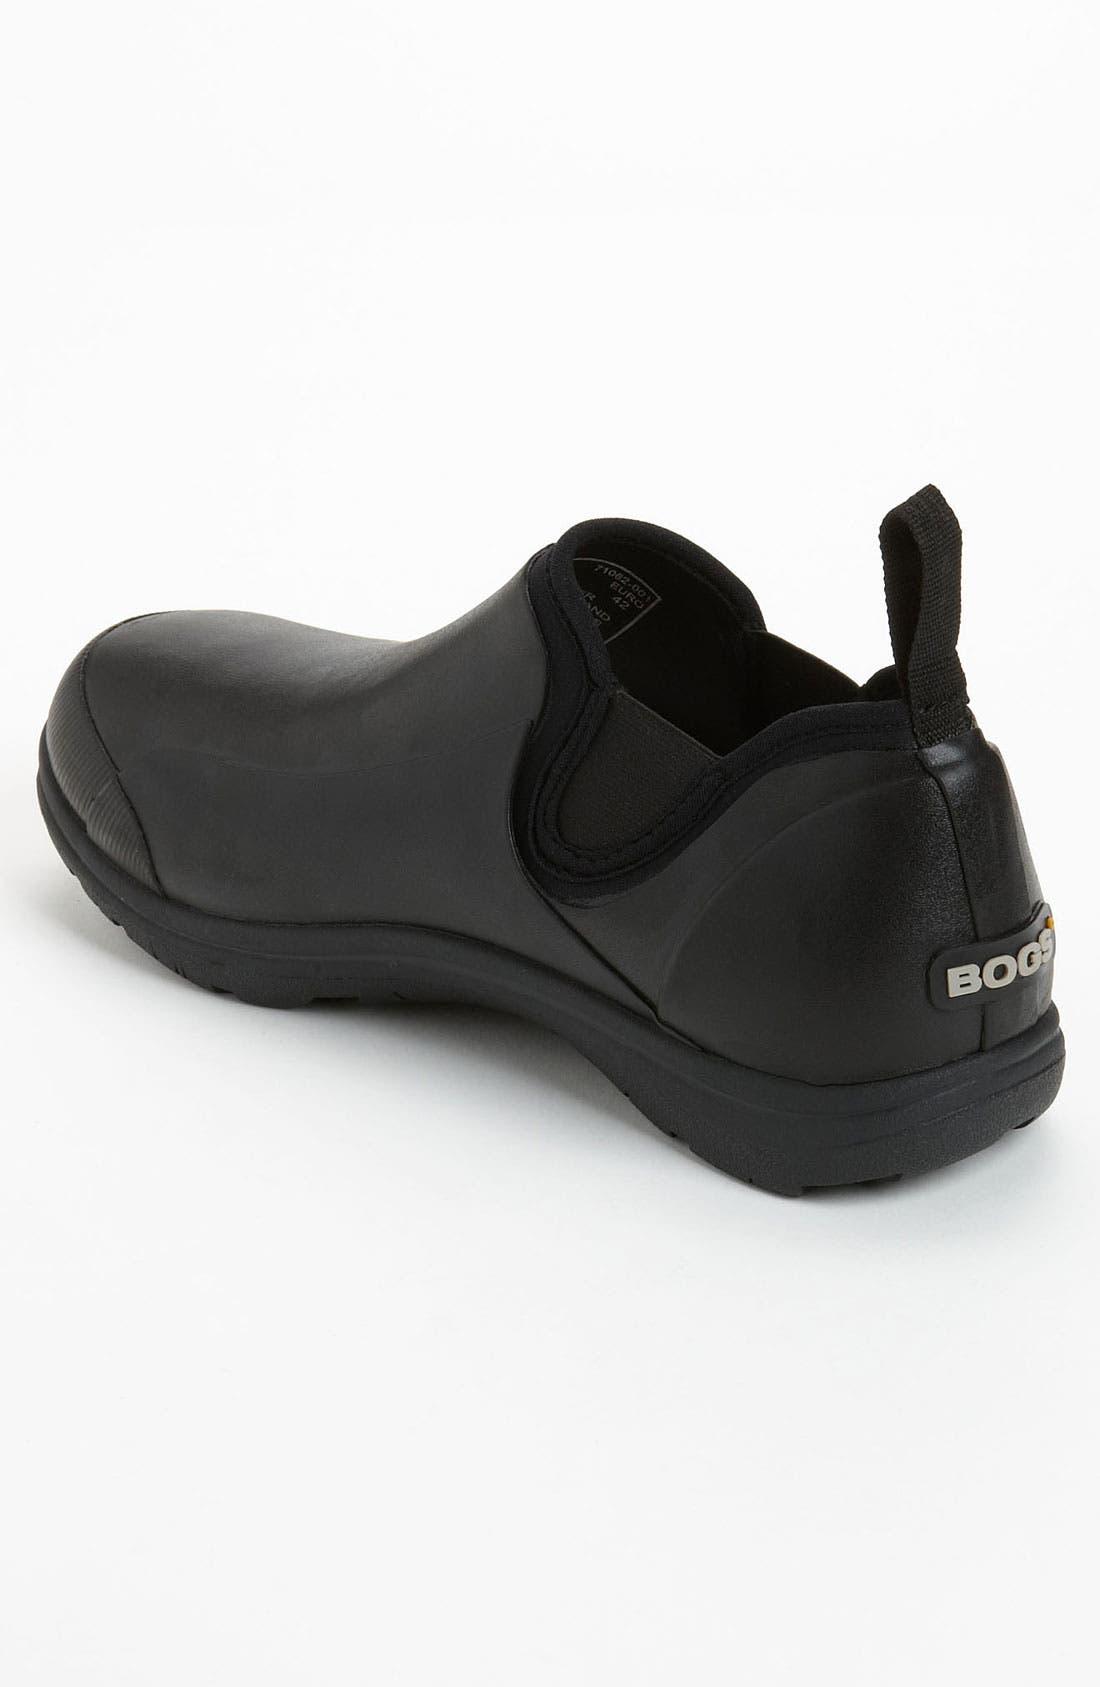 Alternate Image 2  - Bogs 'Freemont' Rain Boot   (Men)